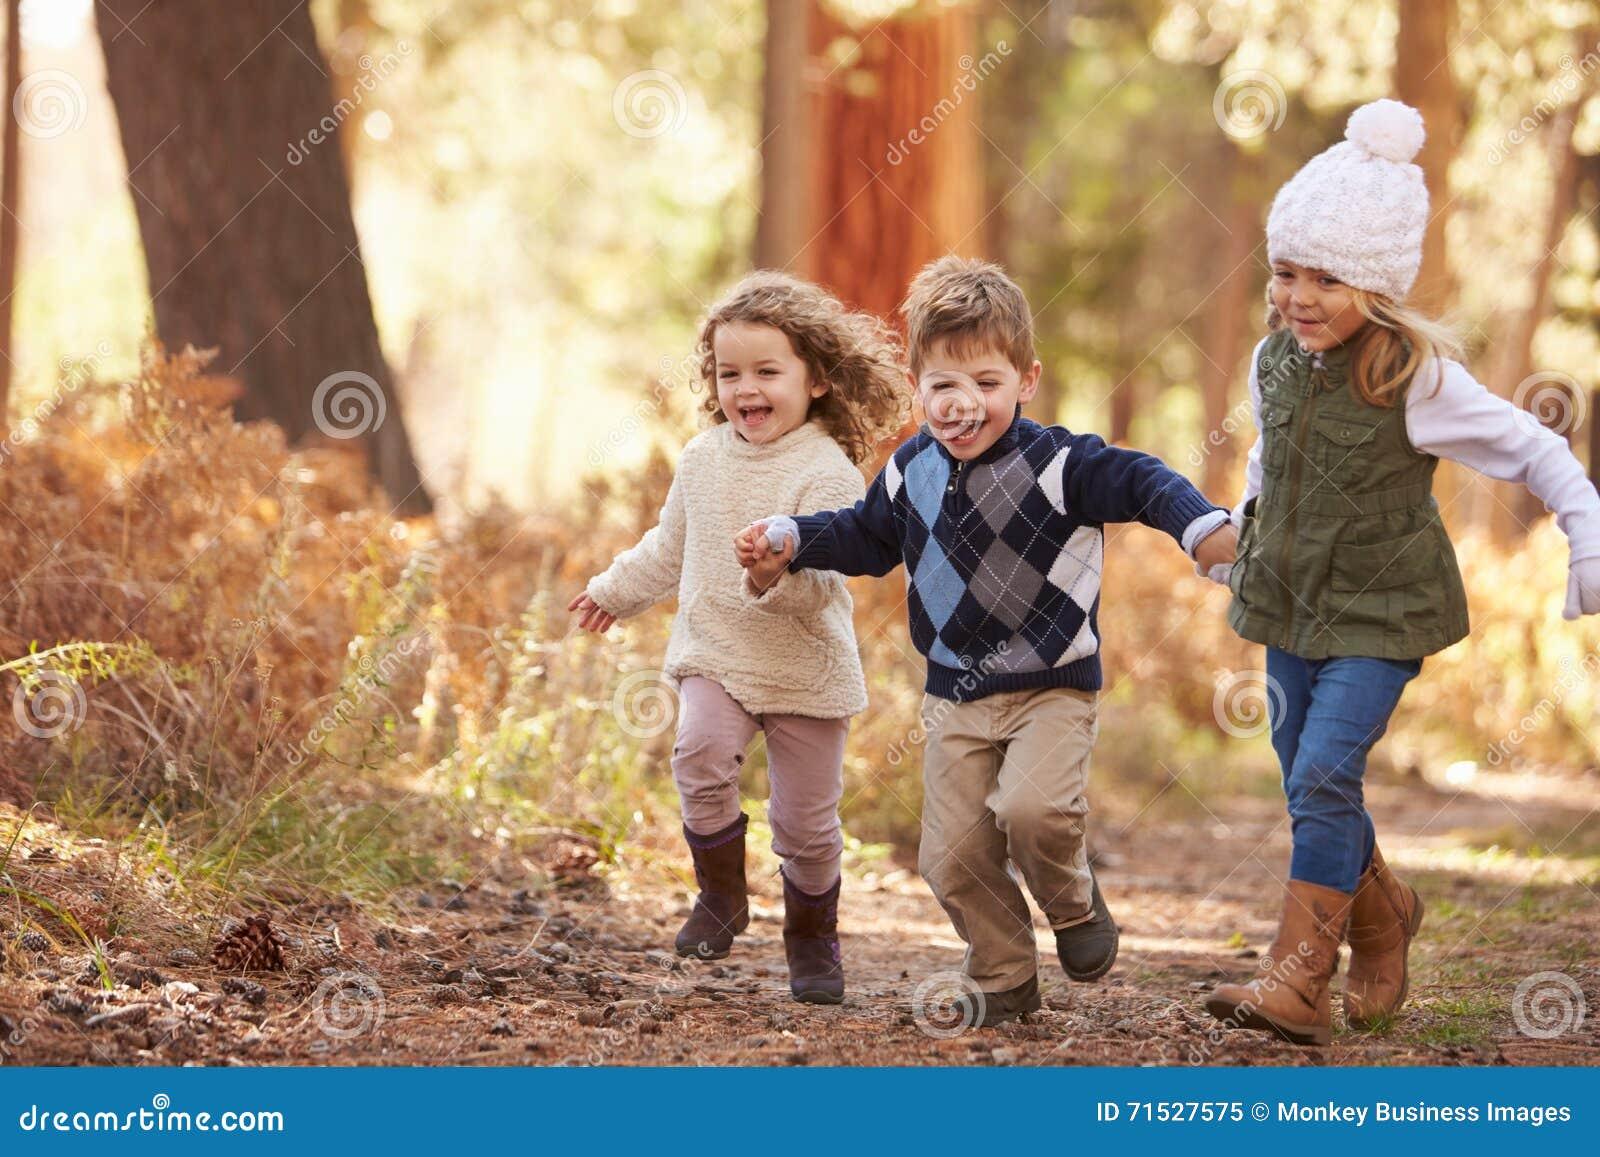 Gruppe Kleinkinder, Die Entlang Weg In Autumn Forest ...